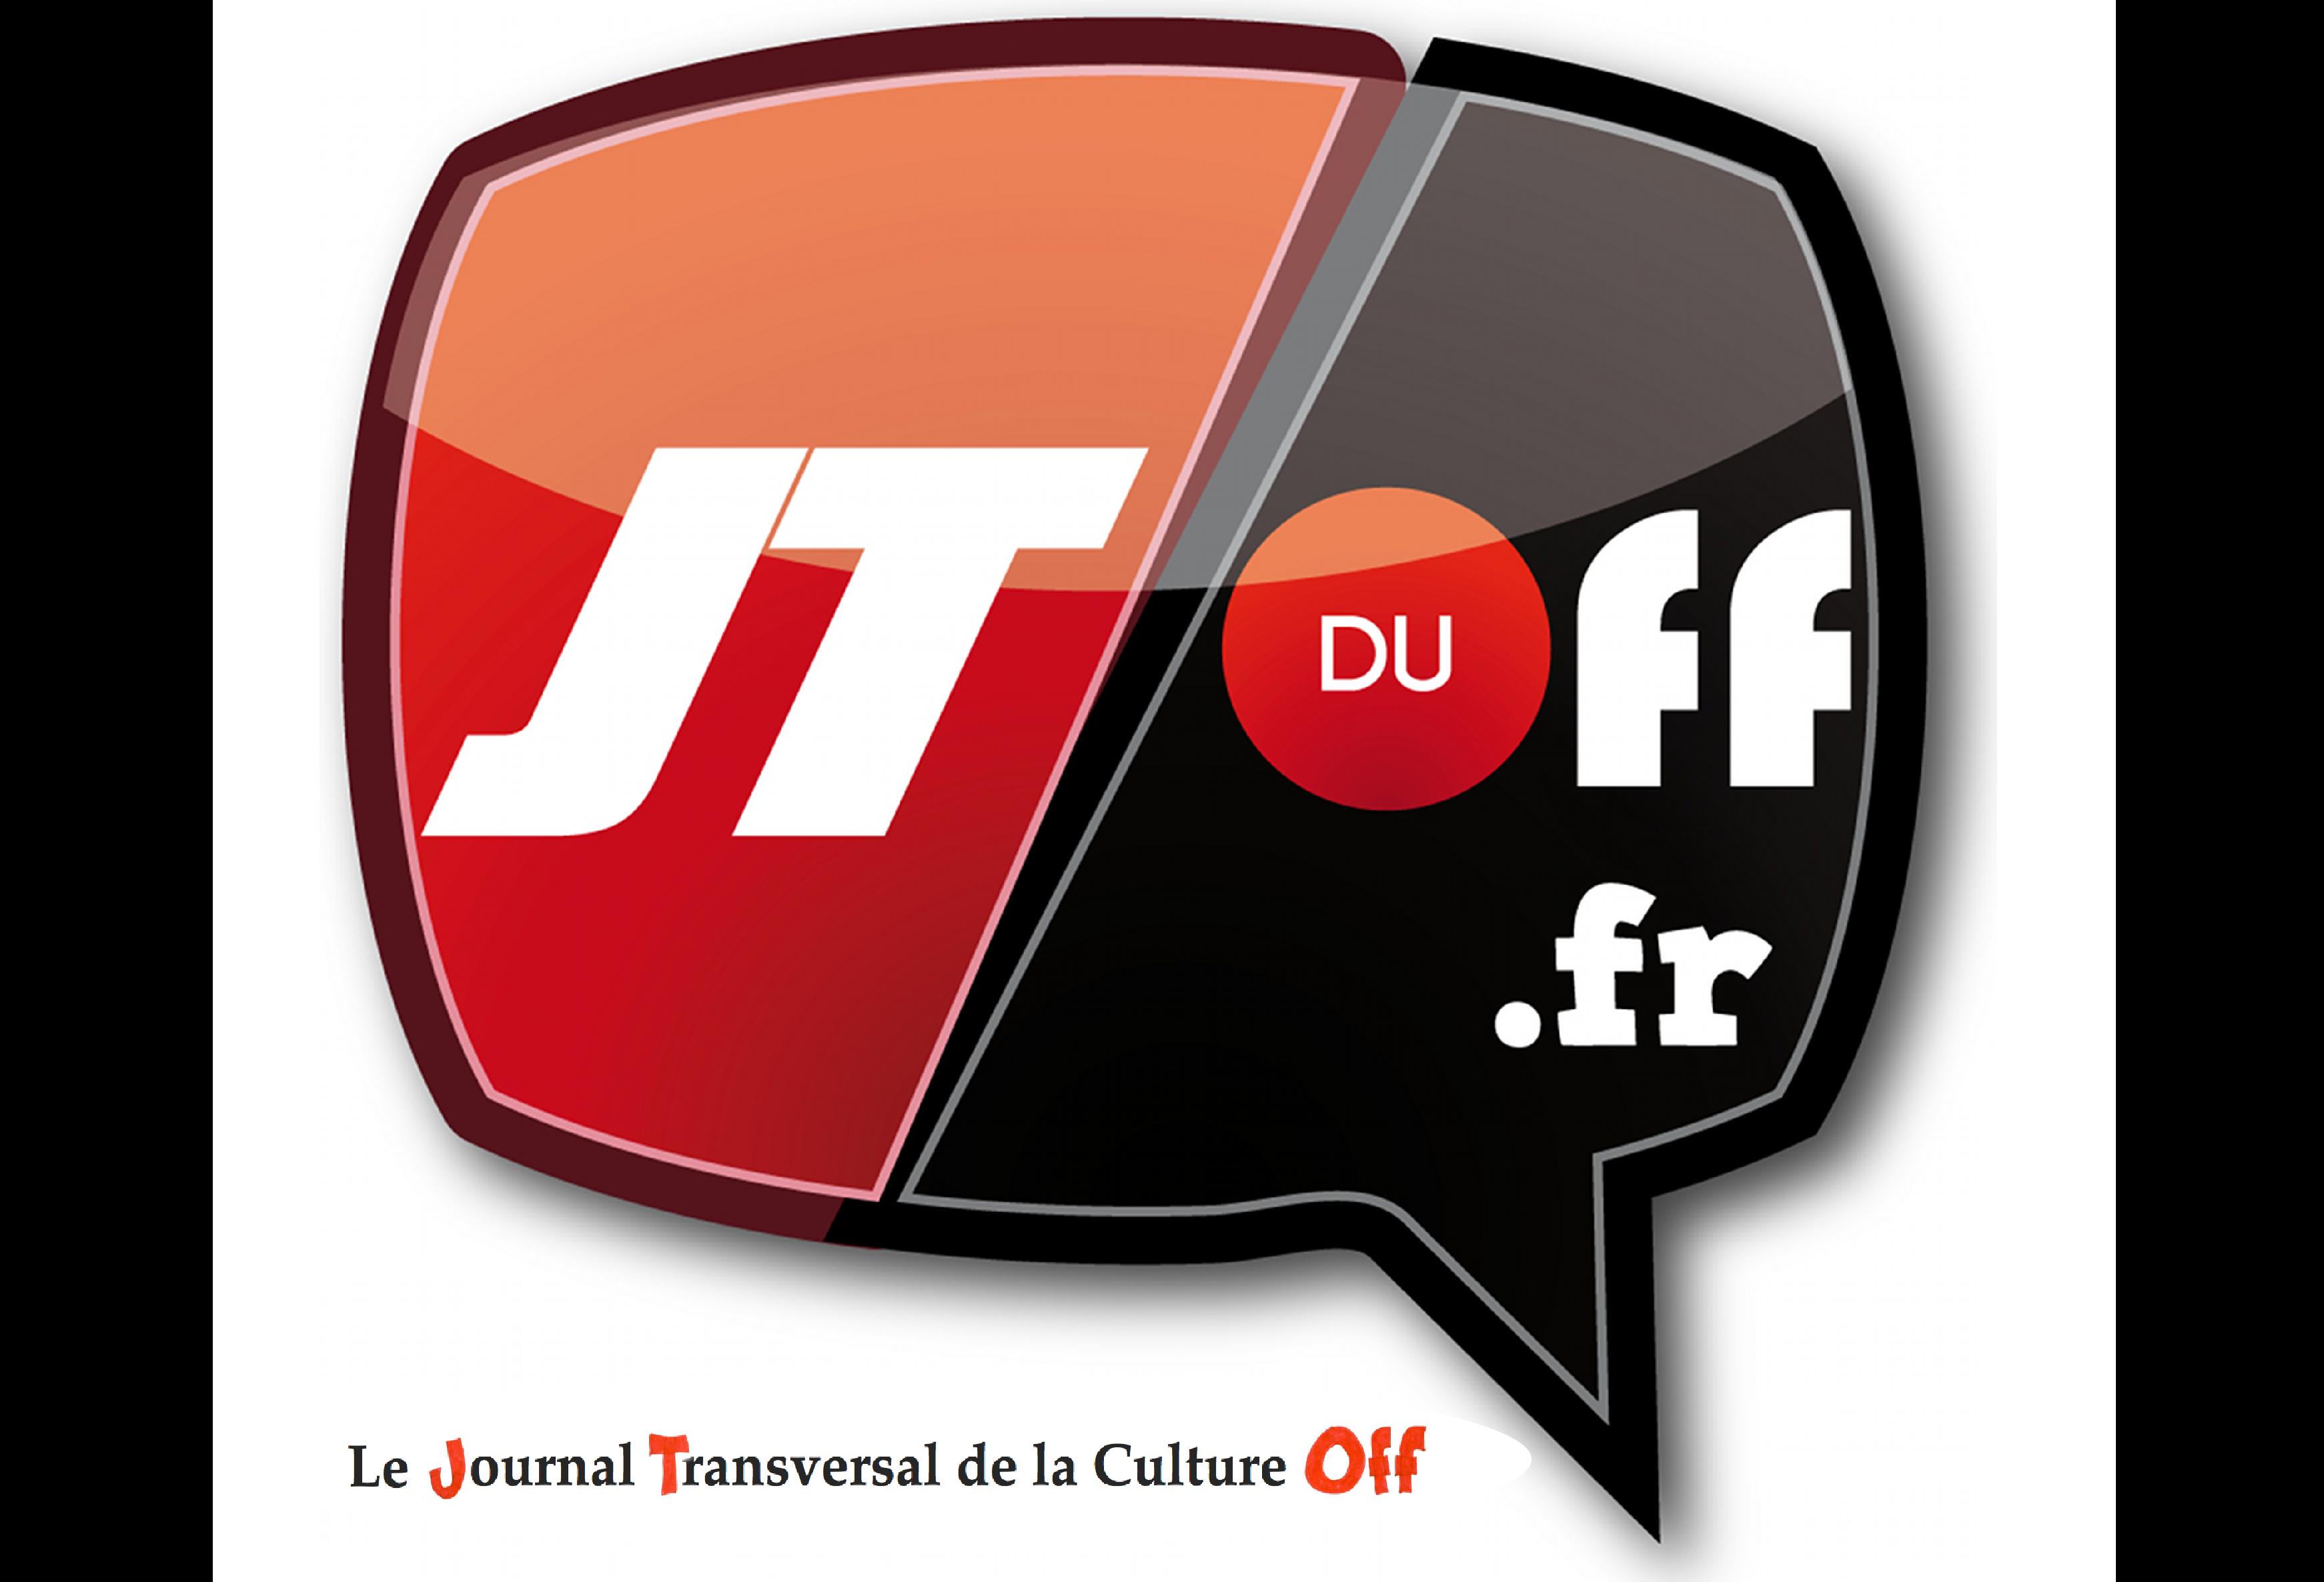 Logo_Jt_du_Off